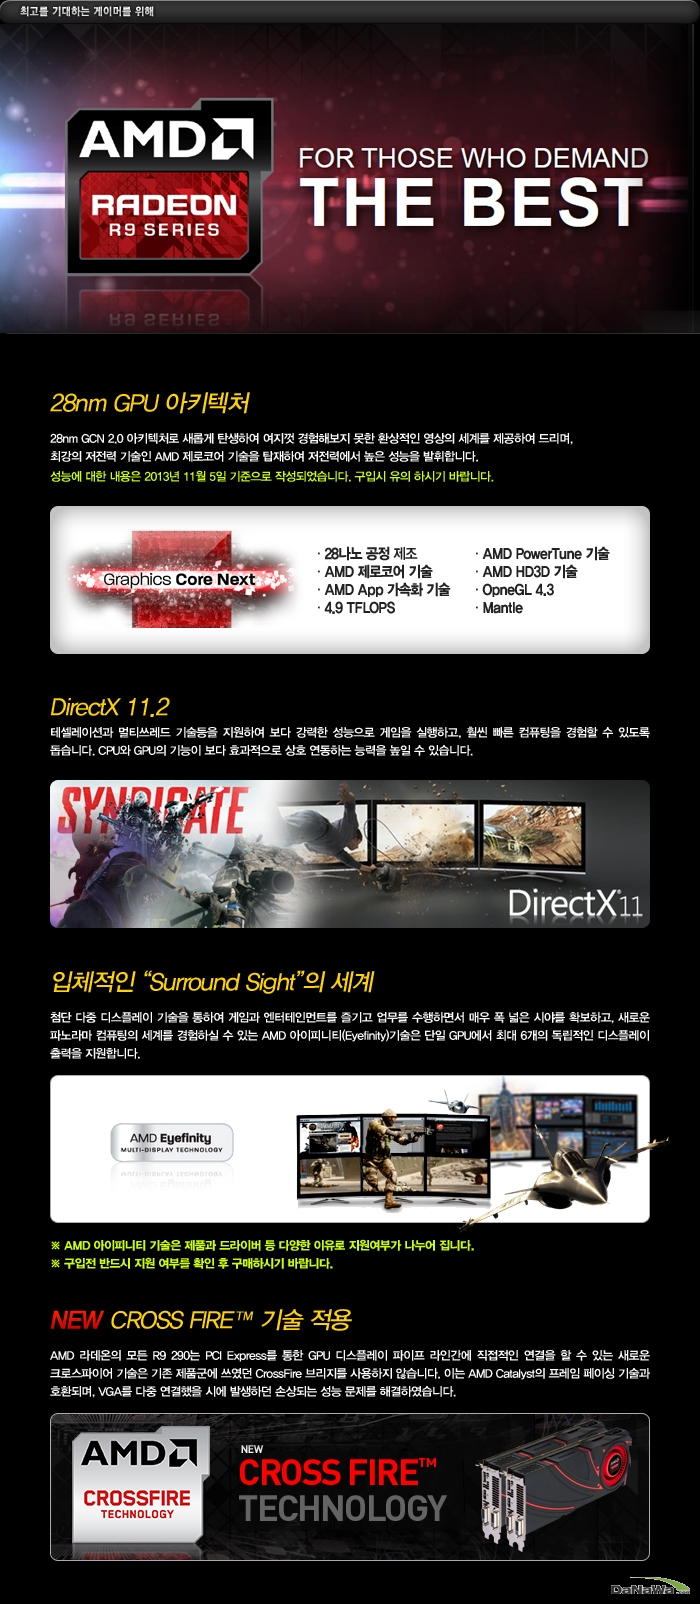 SAPPHIRE 라데온 R9 290 D5 4GB의 제품 기술설명